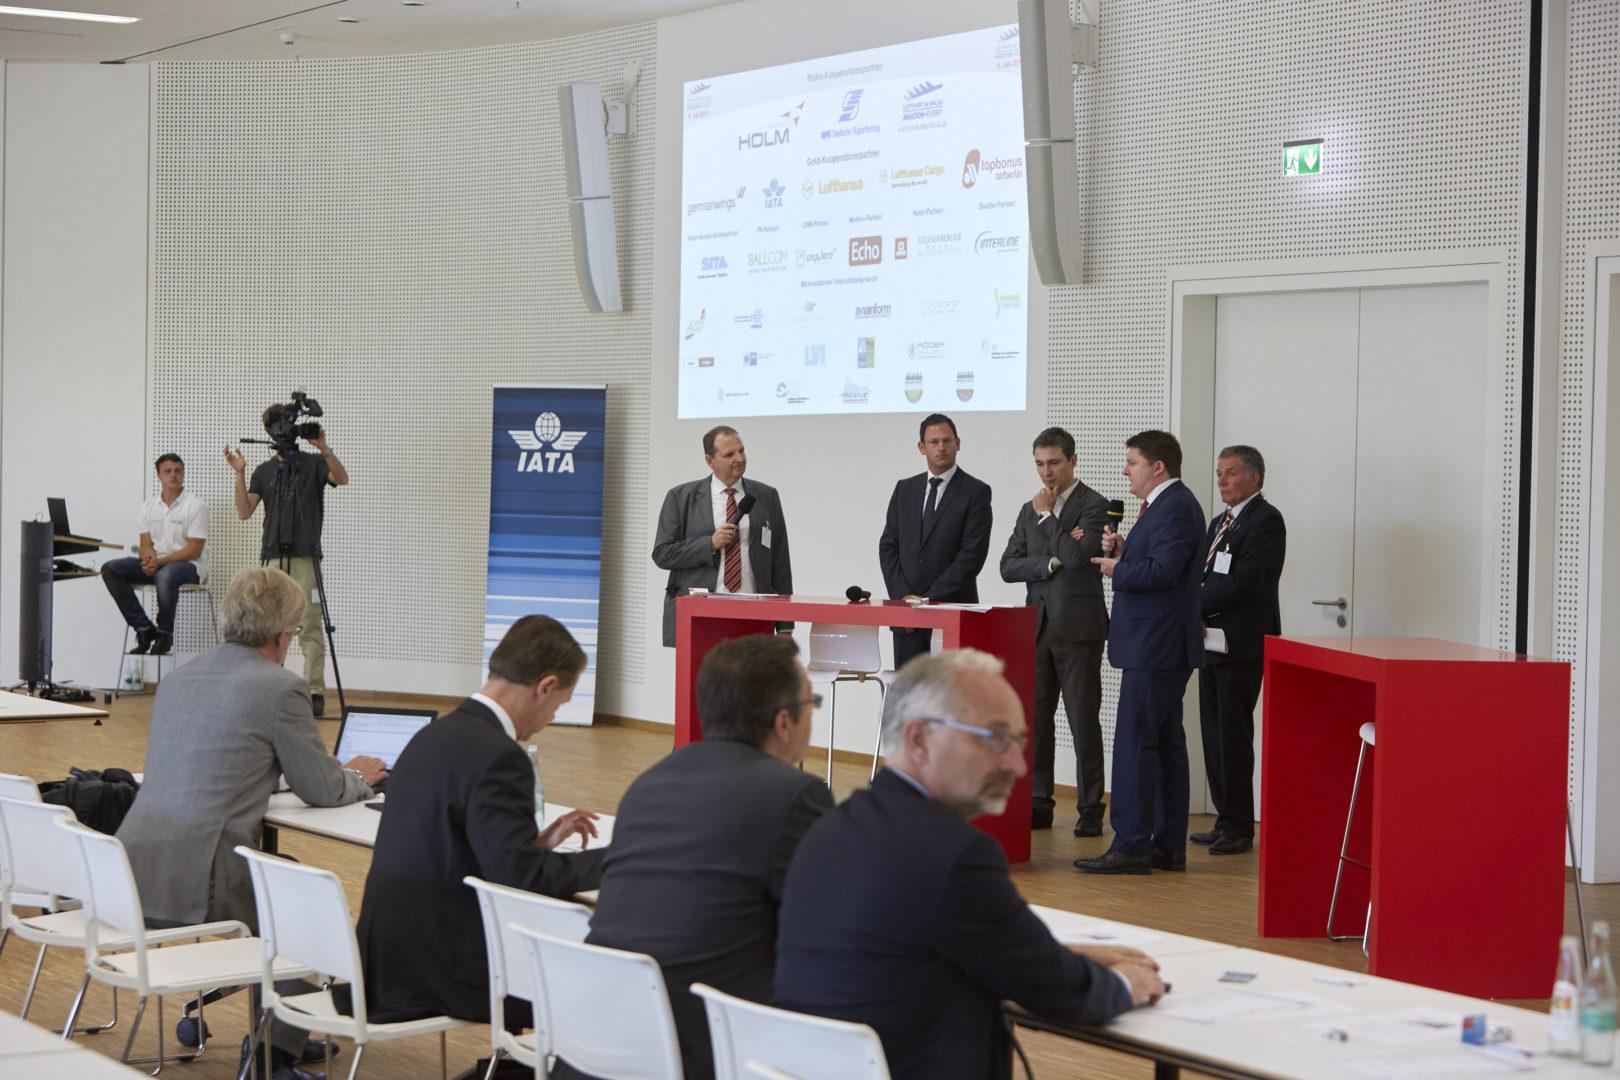 Aviation_Event Jahrestagung. Frankfurt, Holm, den 6.07.2015